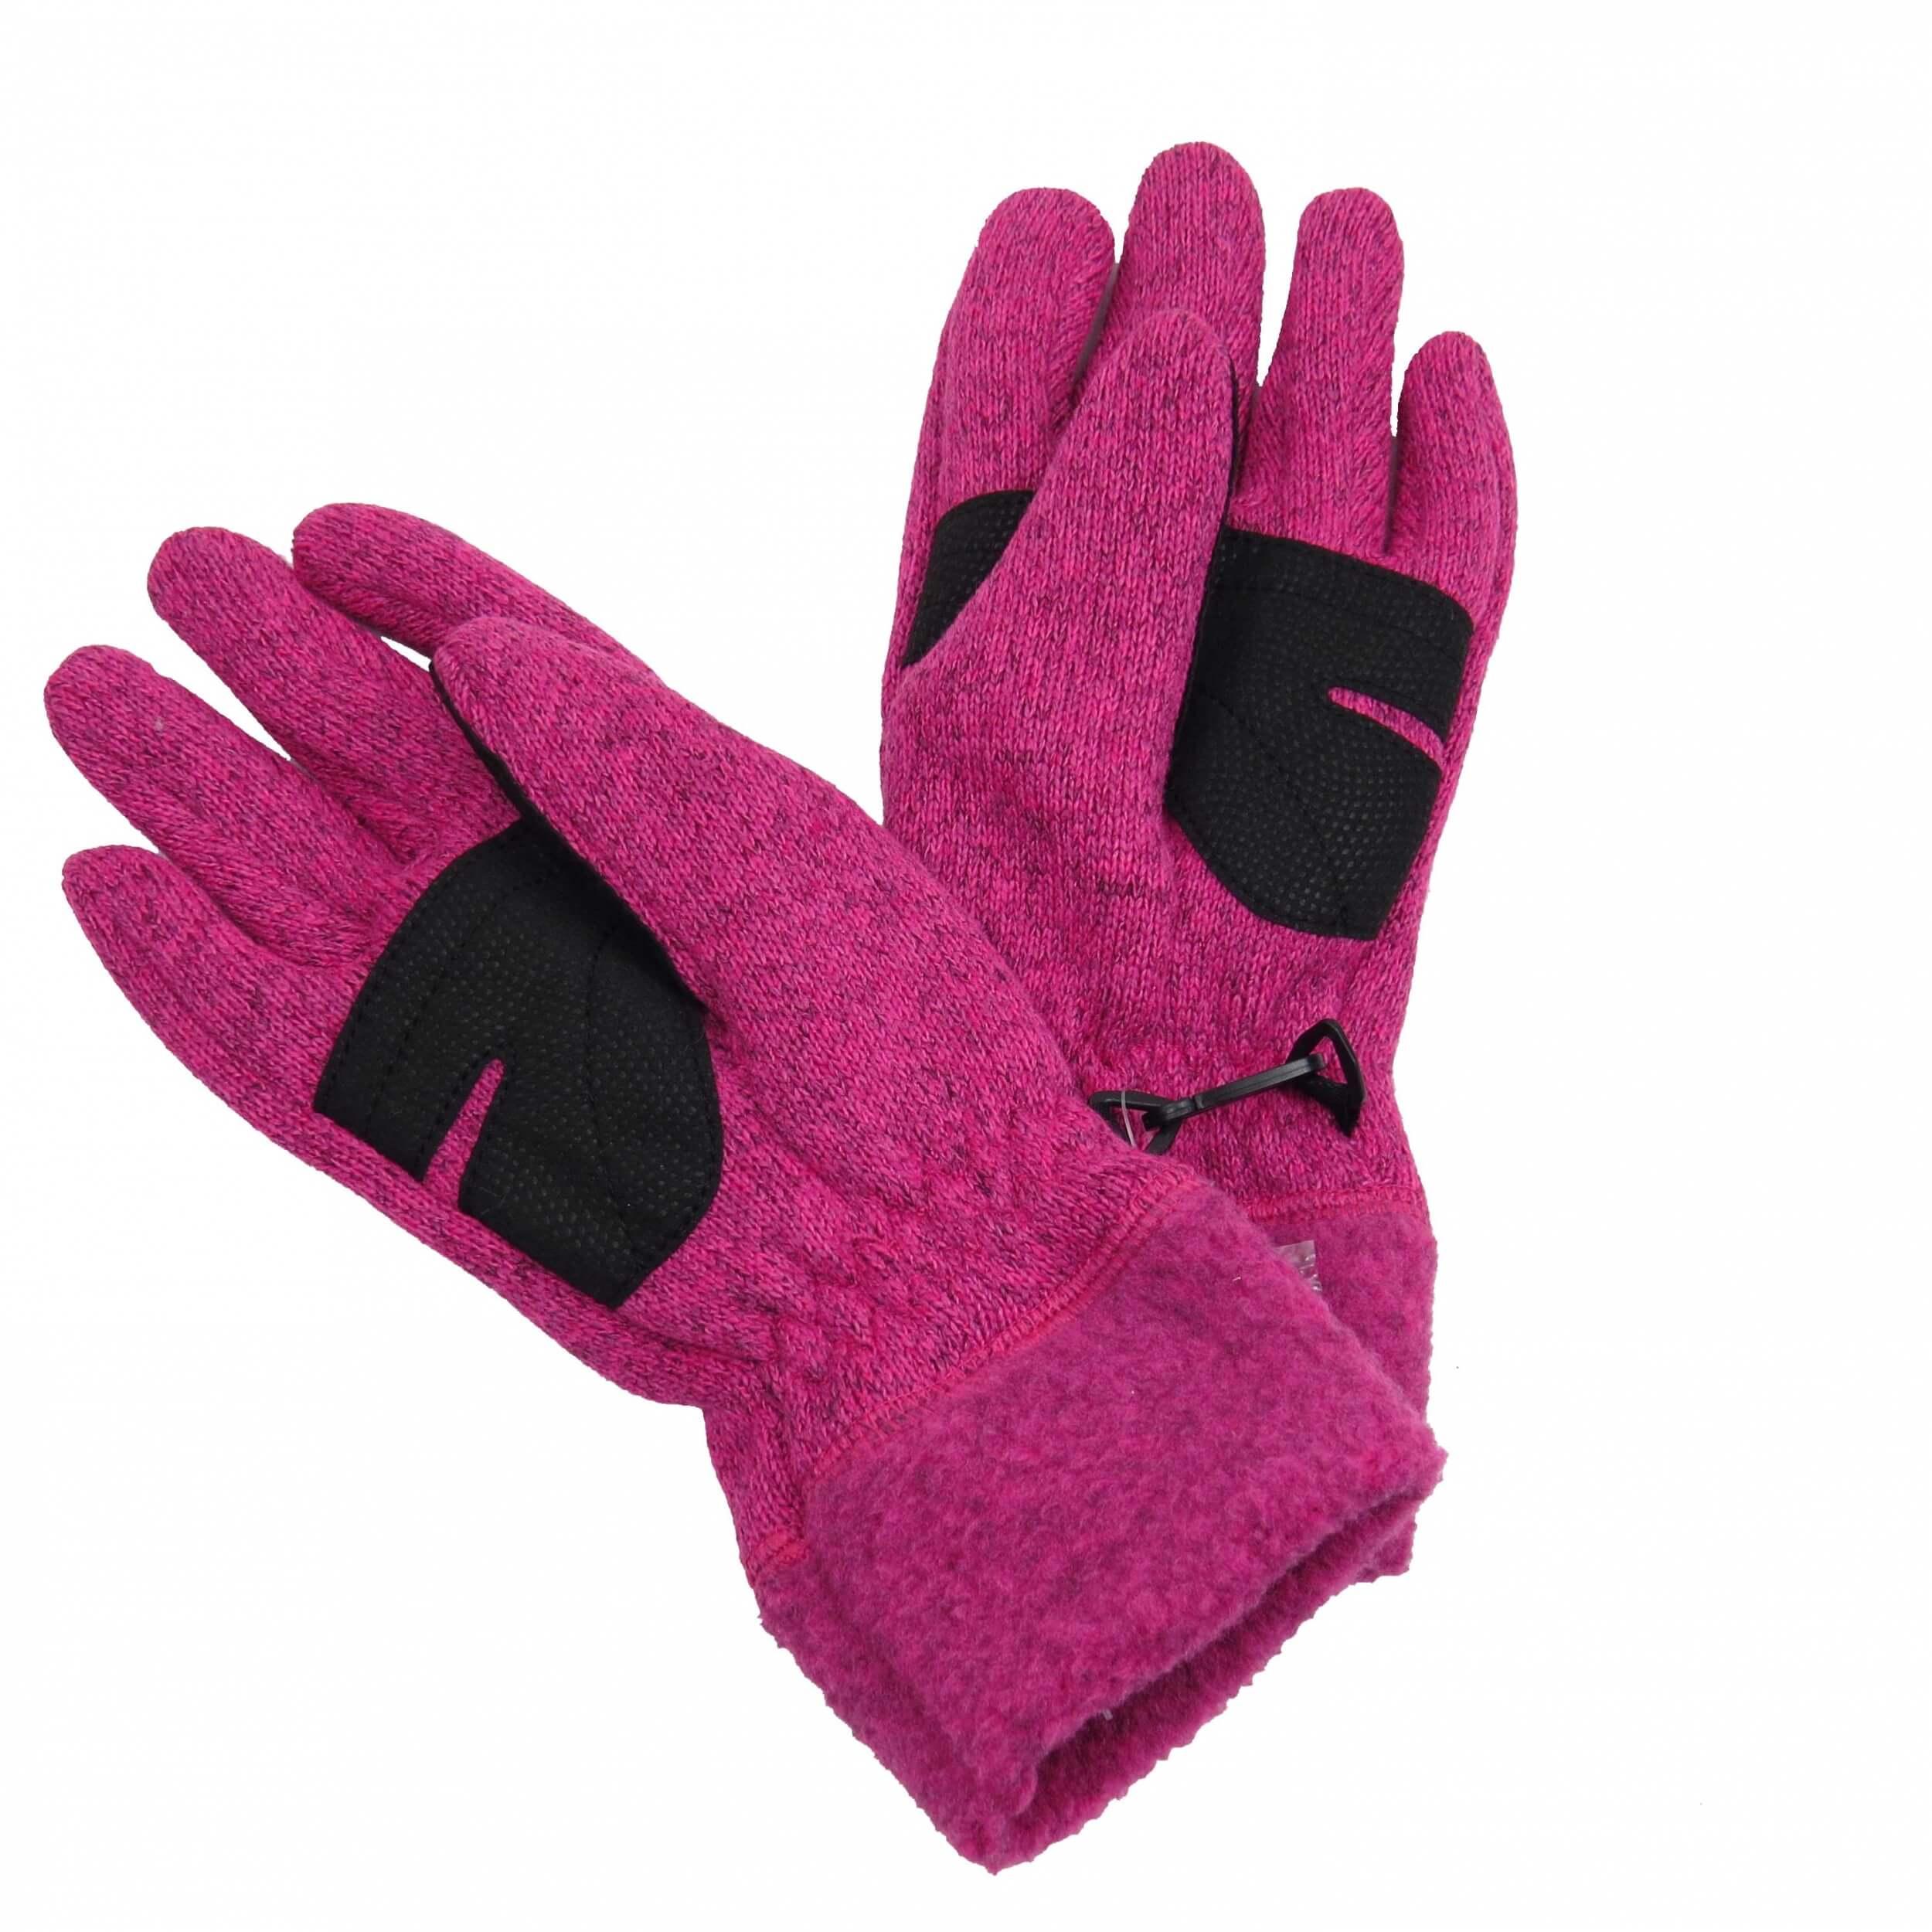 ZIENER Winter Handschuhe Ilmari pink 768